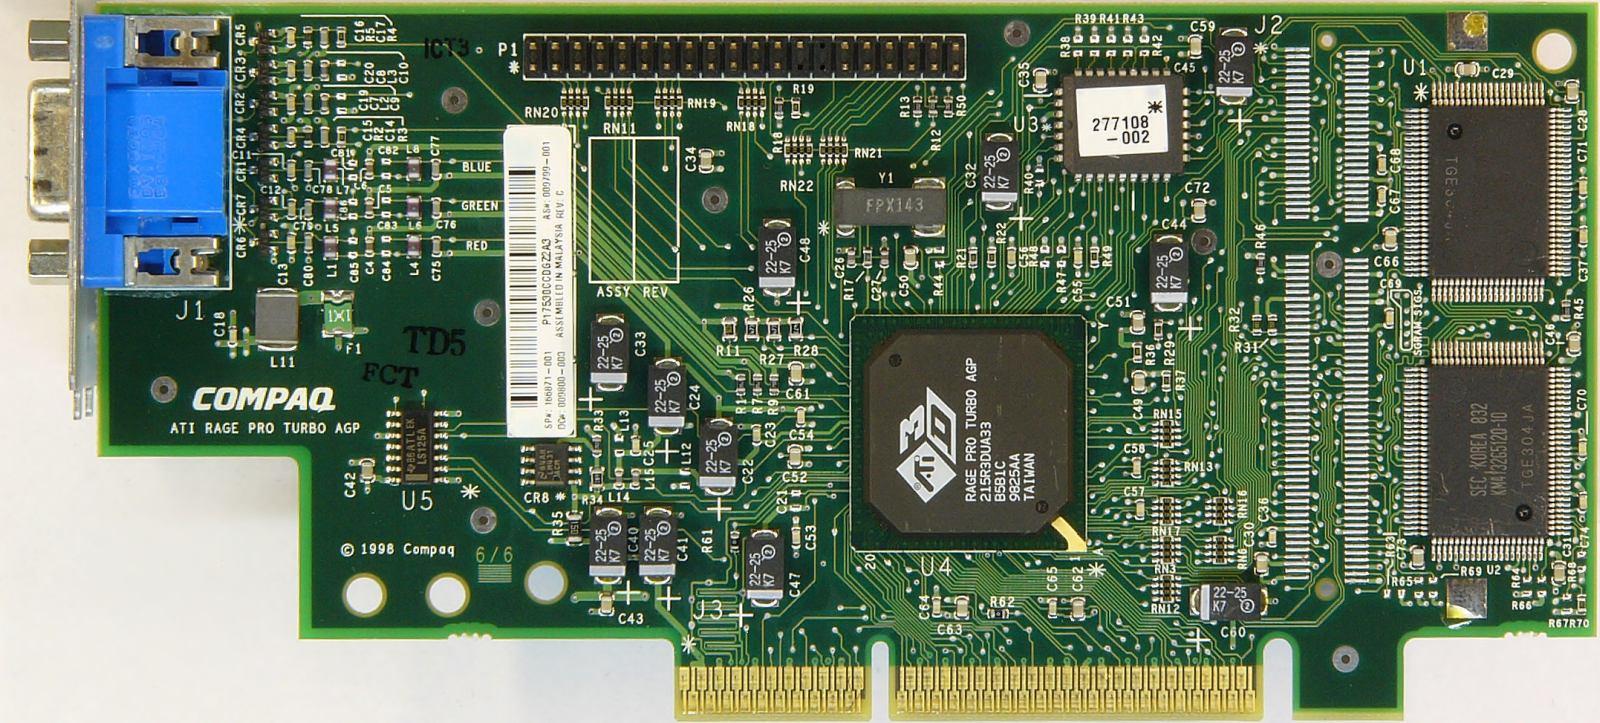 ATI Rage PRO Turbo AGP